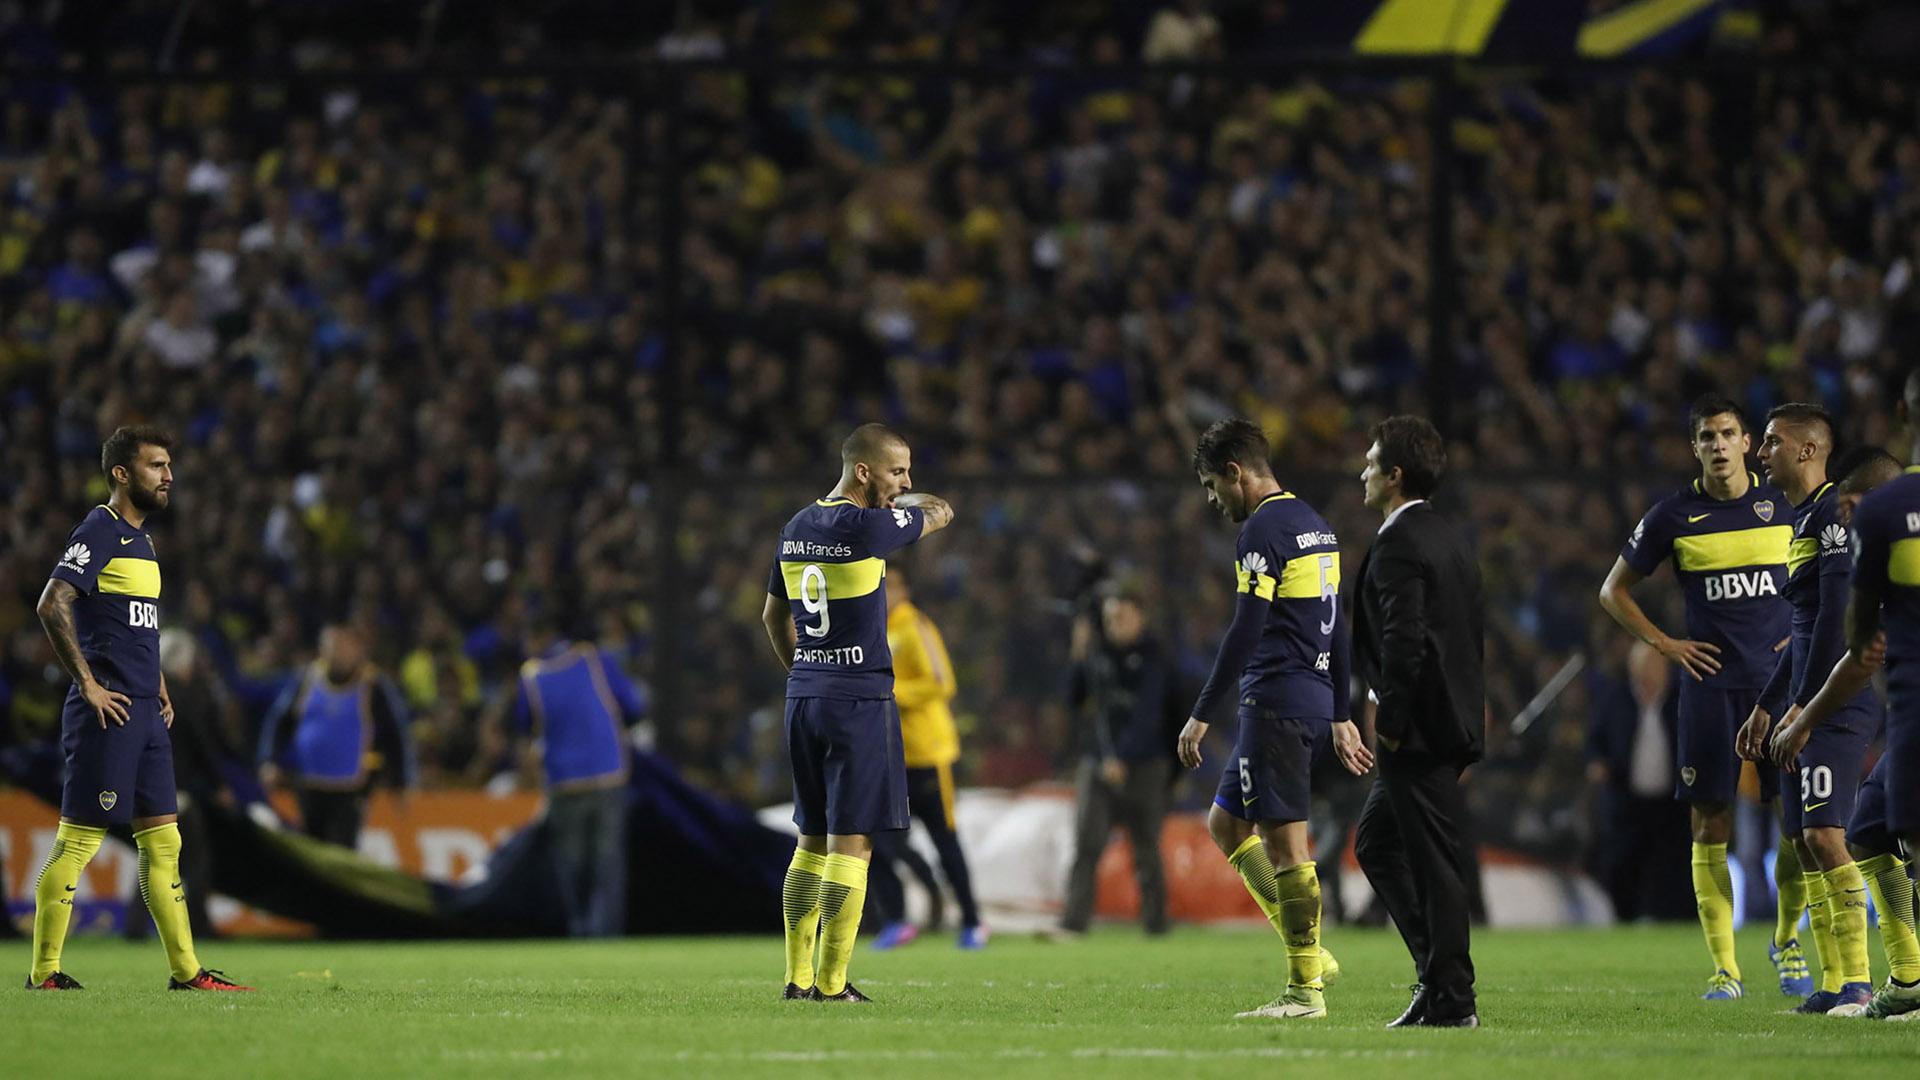 Boca Juniors conserva la punta, a tres puntos de San Lorenzo y cuatro de River (con un partido menos), cuando faltan seis fechaspara el fin del campeonato